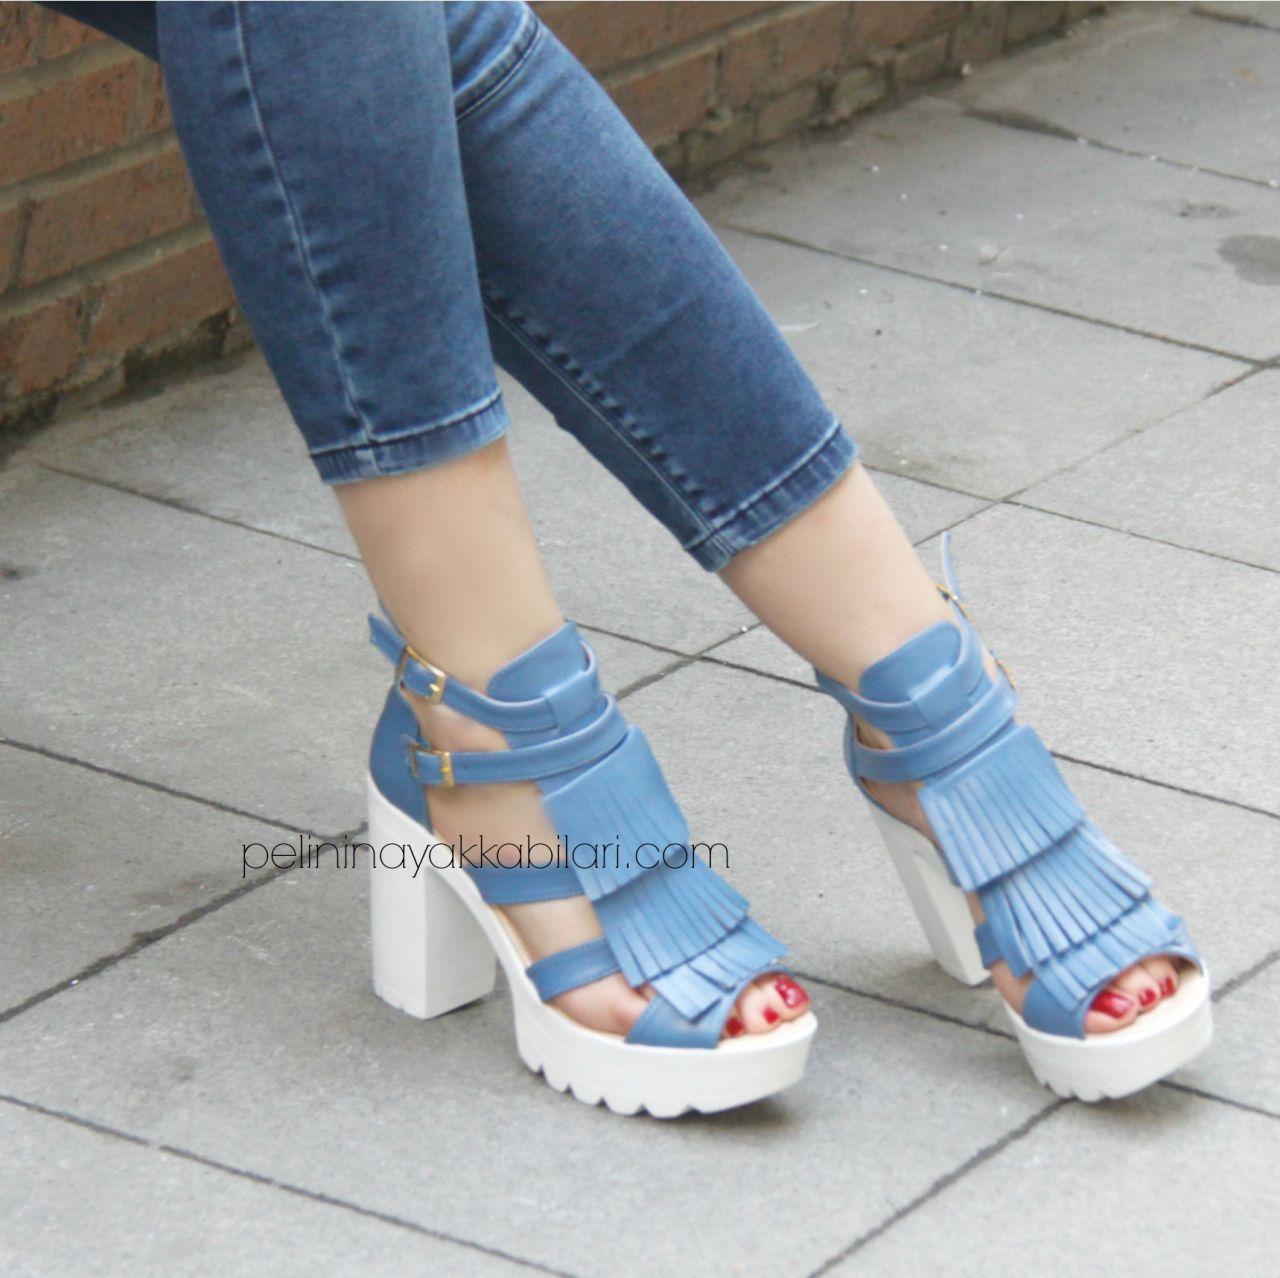 Yazlık 2017 Kısa Topuklu Ayakkabı Modelleri